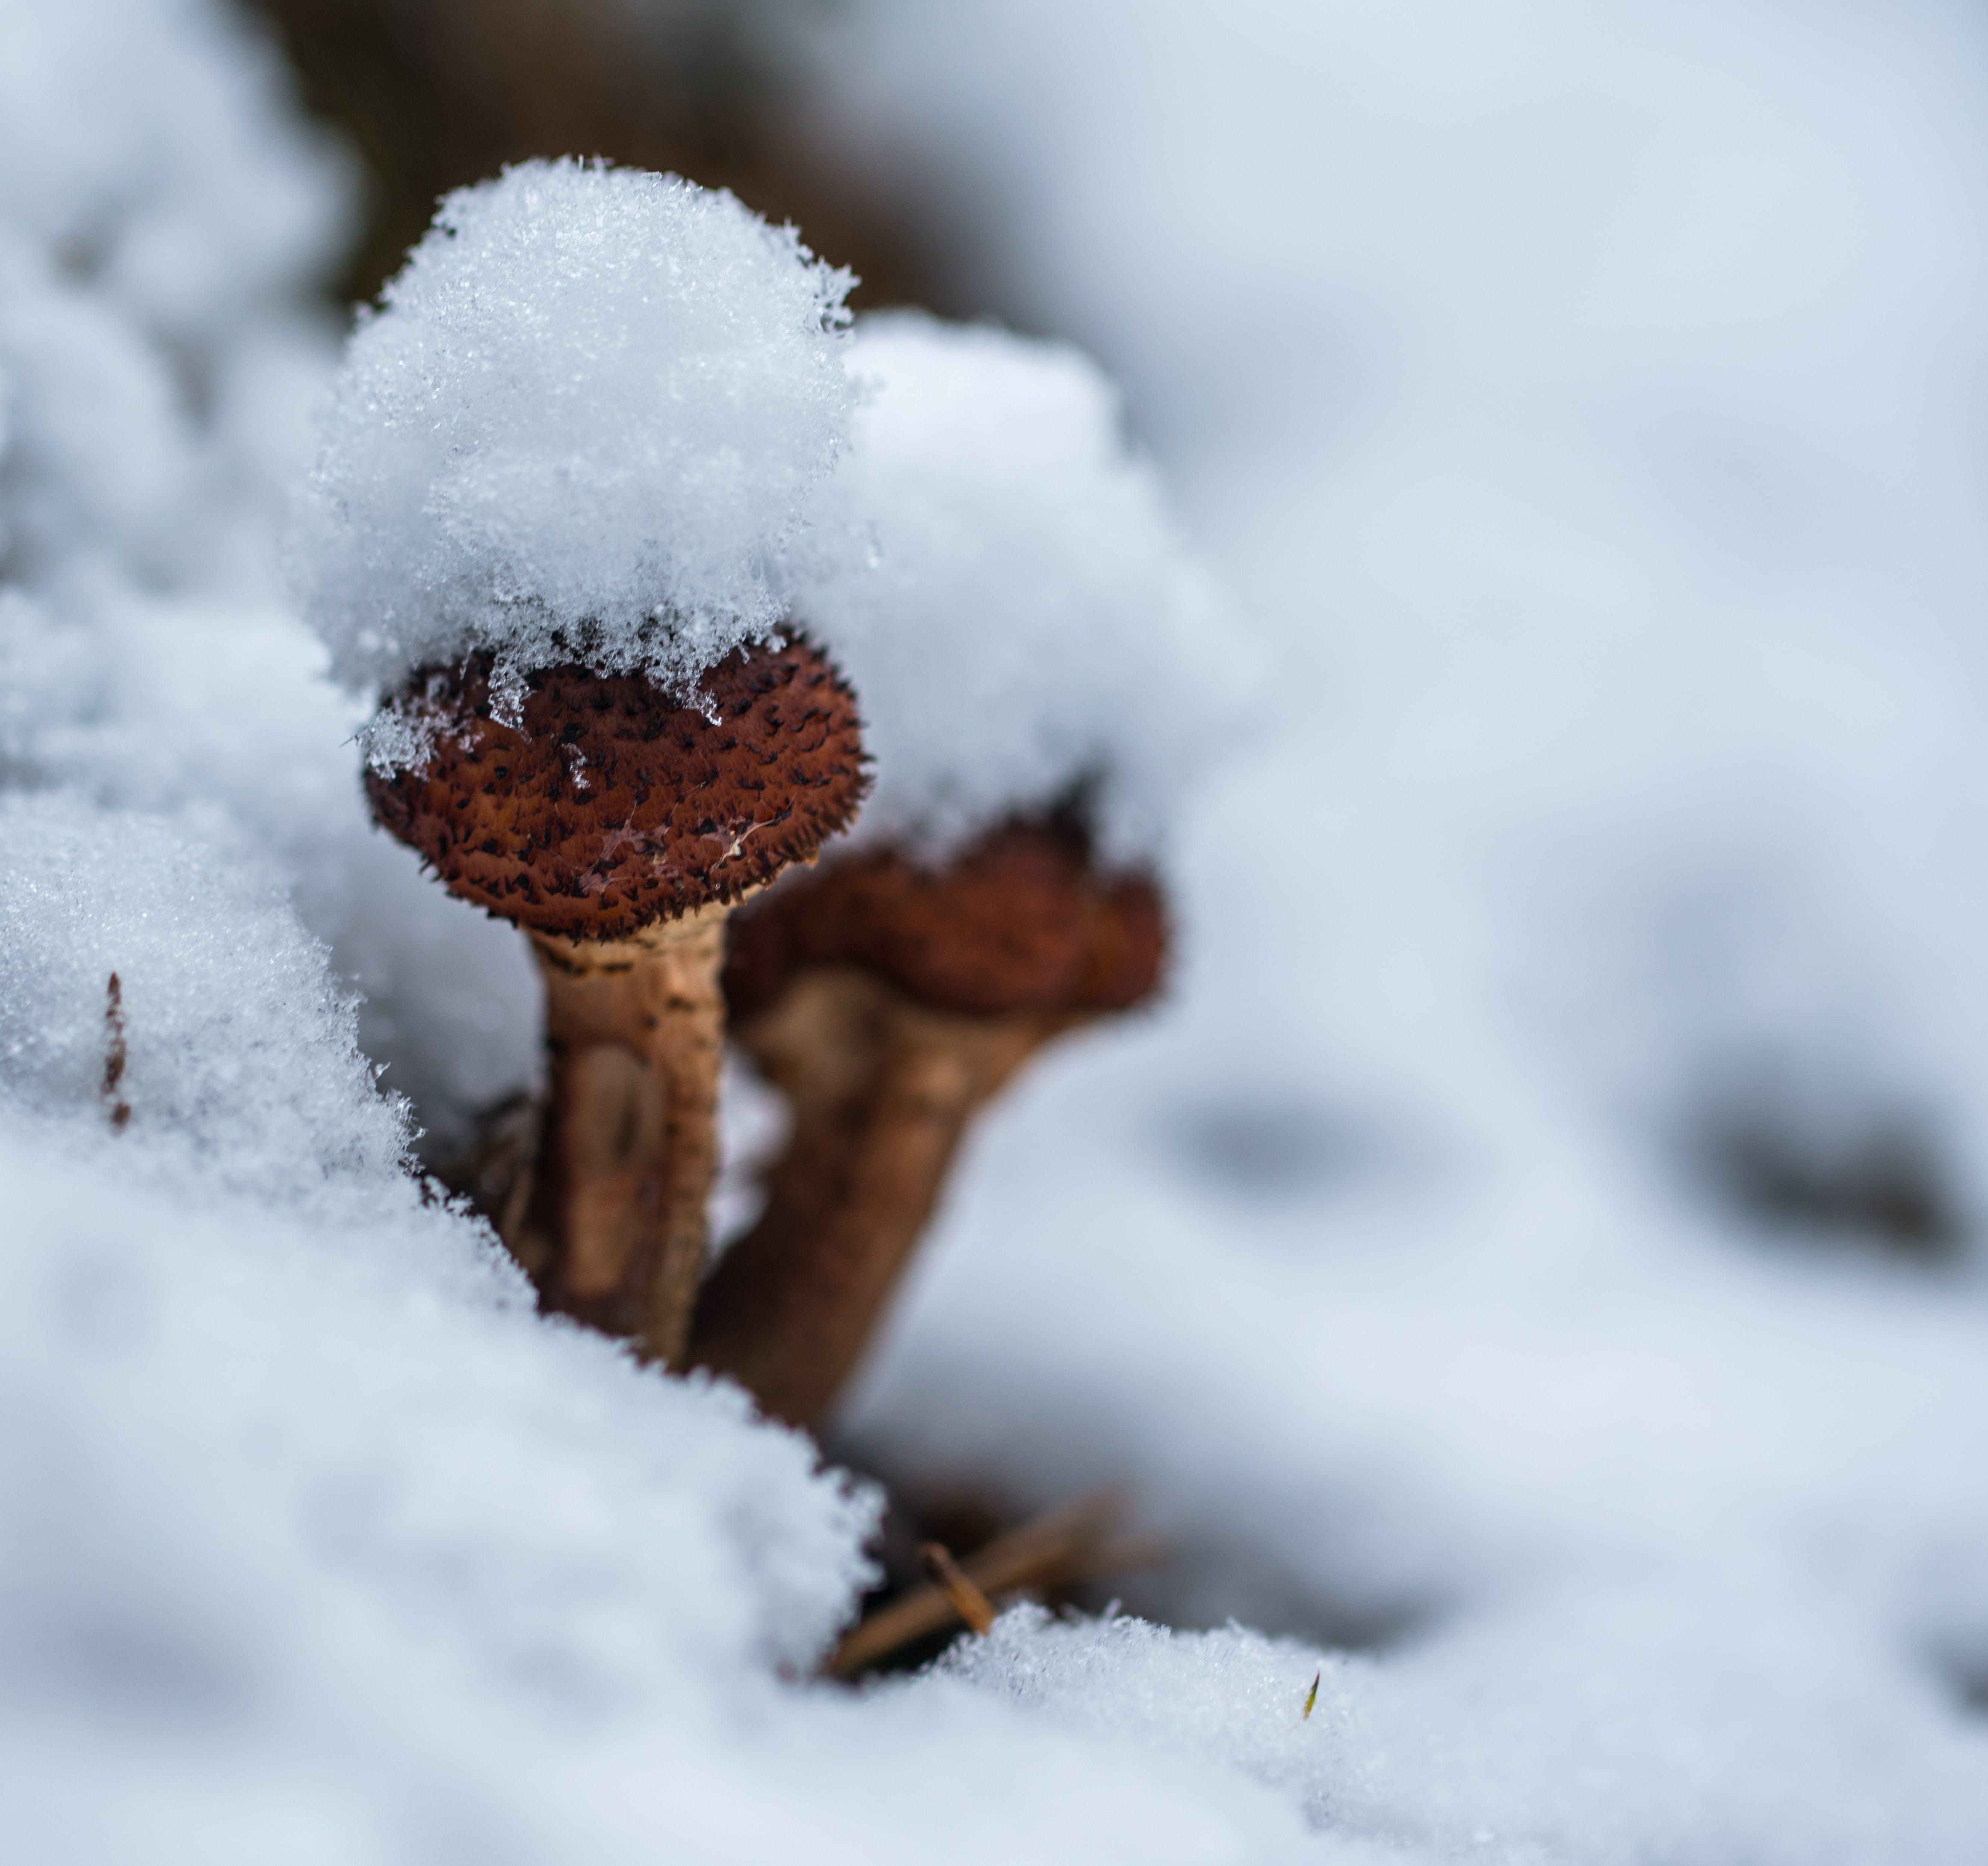 Free stock photo of snow, mushroom